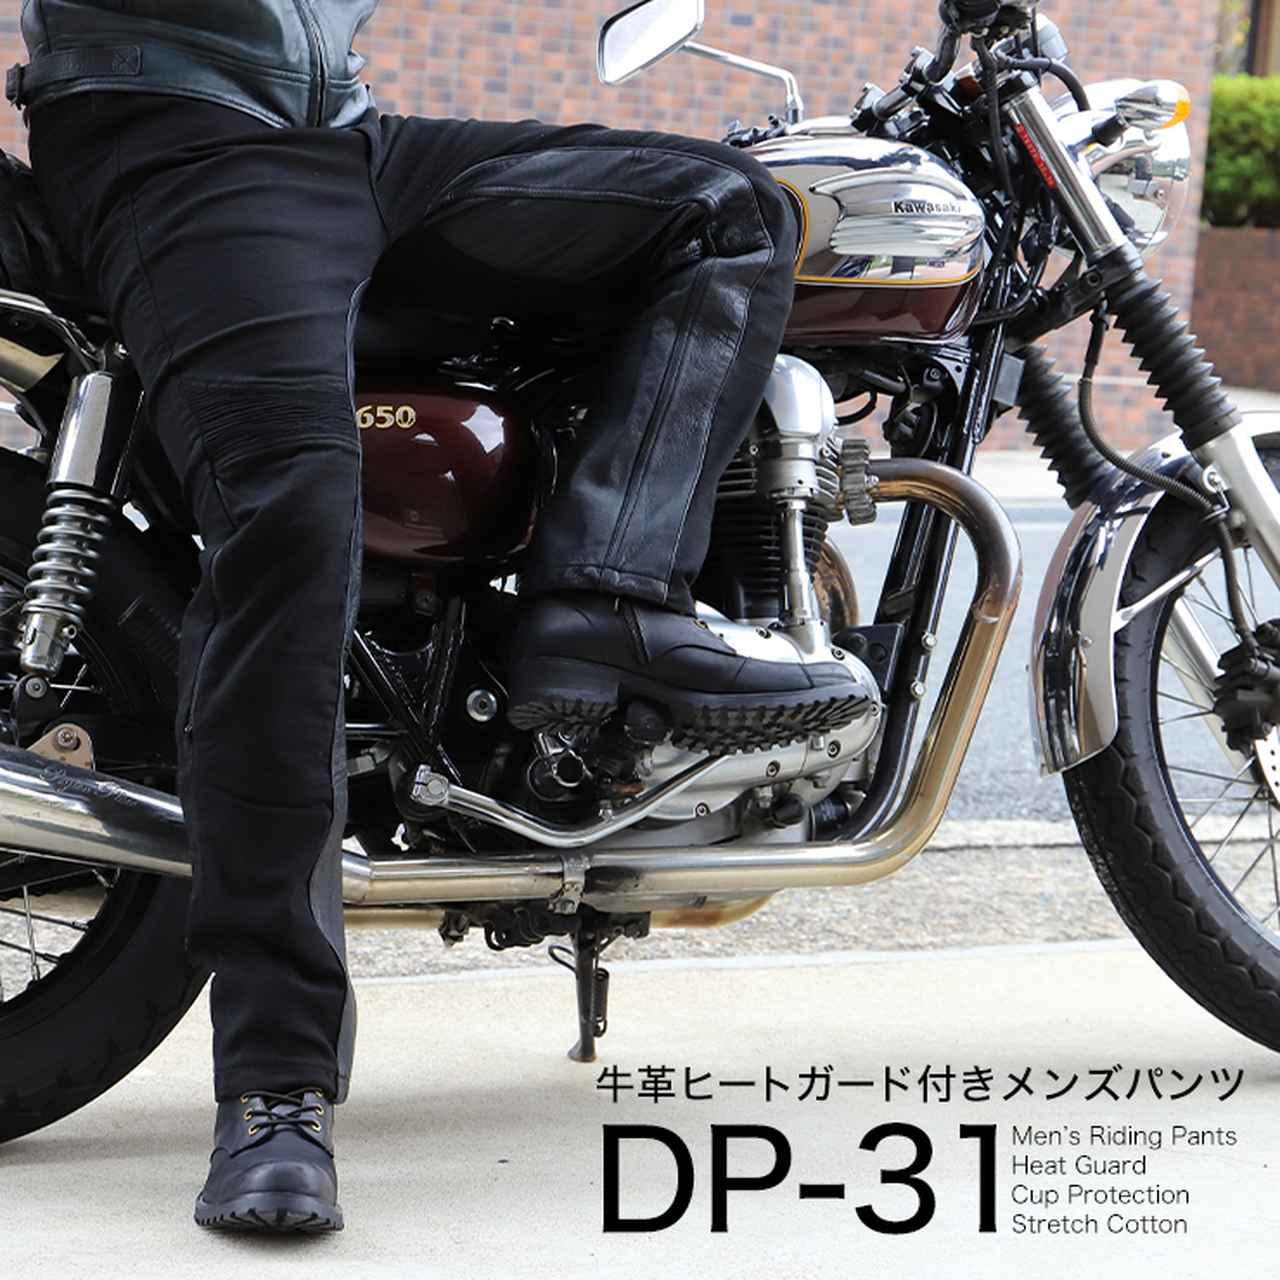 画像6: メンズコットンパンツ/ MEN'S COTTON PANTS(ブラック) [DP-31]